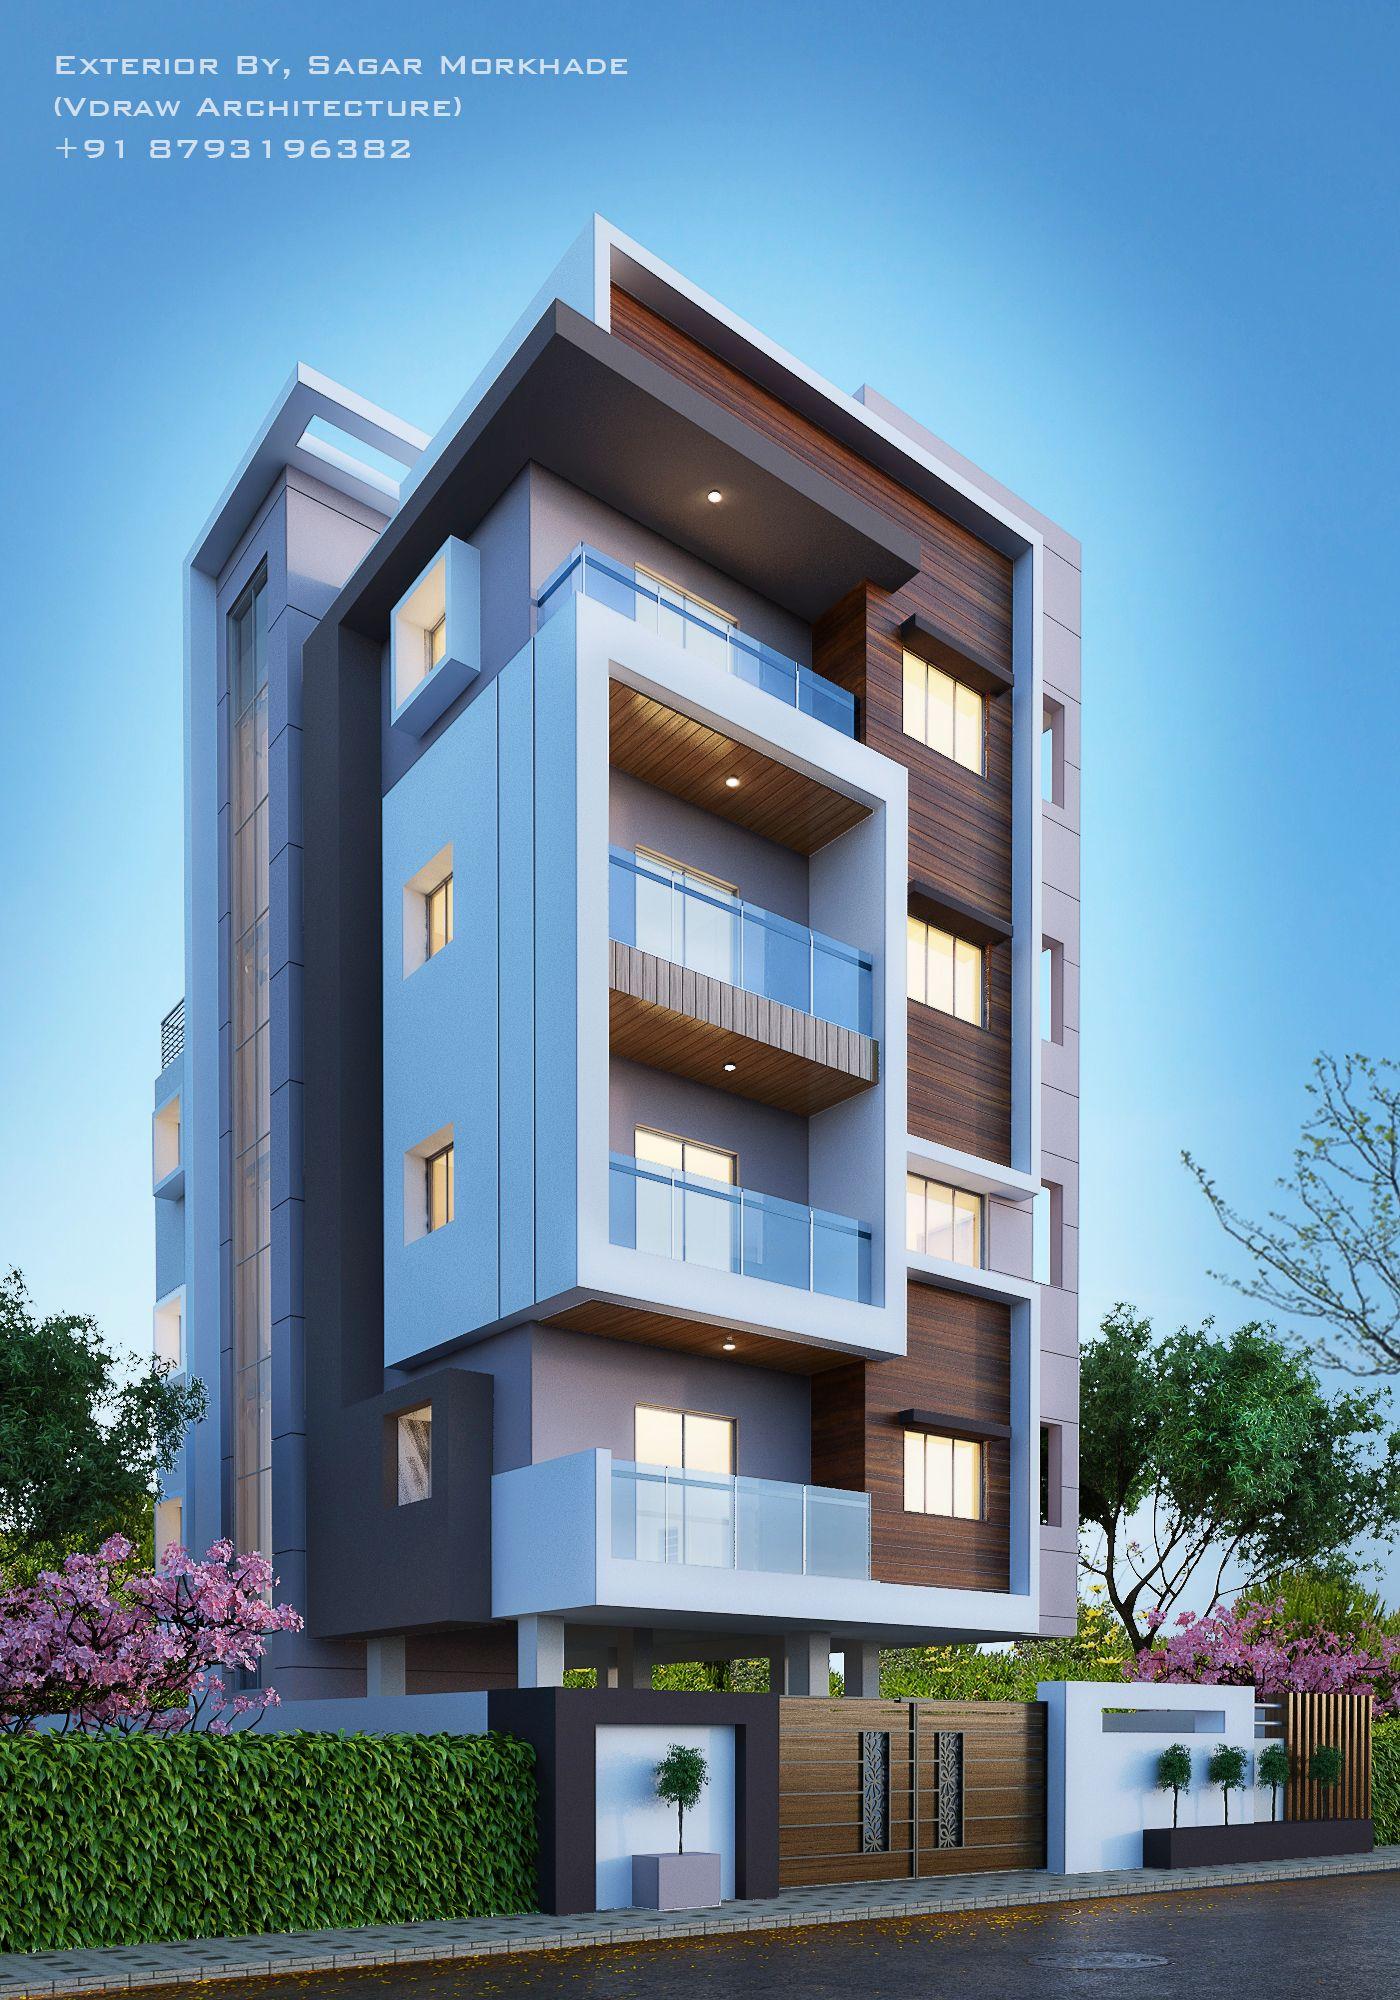 Modern Residential Flat Scheme Exterior By, Sagar Morkhade